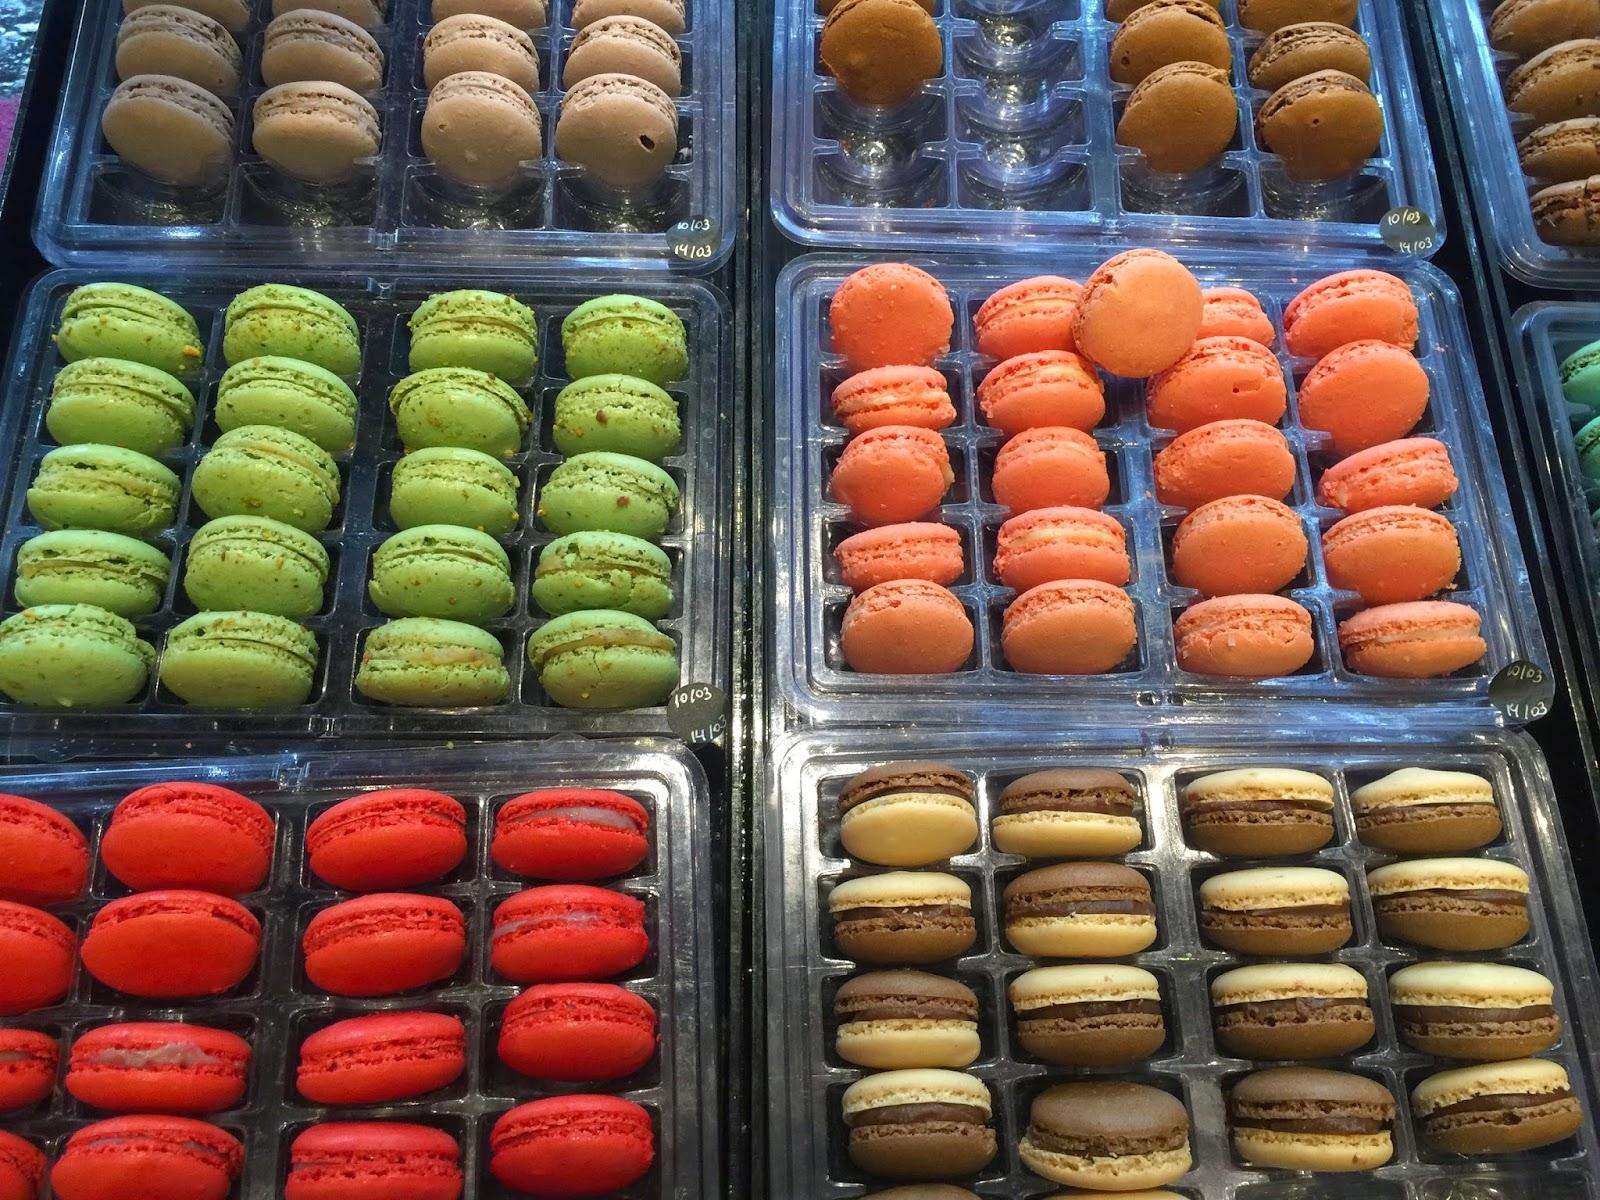 mimi degusta, degusta, paradis, são paulo, macaron, frança, melhor lugar para comer, doces, sobremesa, francesa, chocolate belga, délices français, delícias frnacesas, jardins